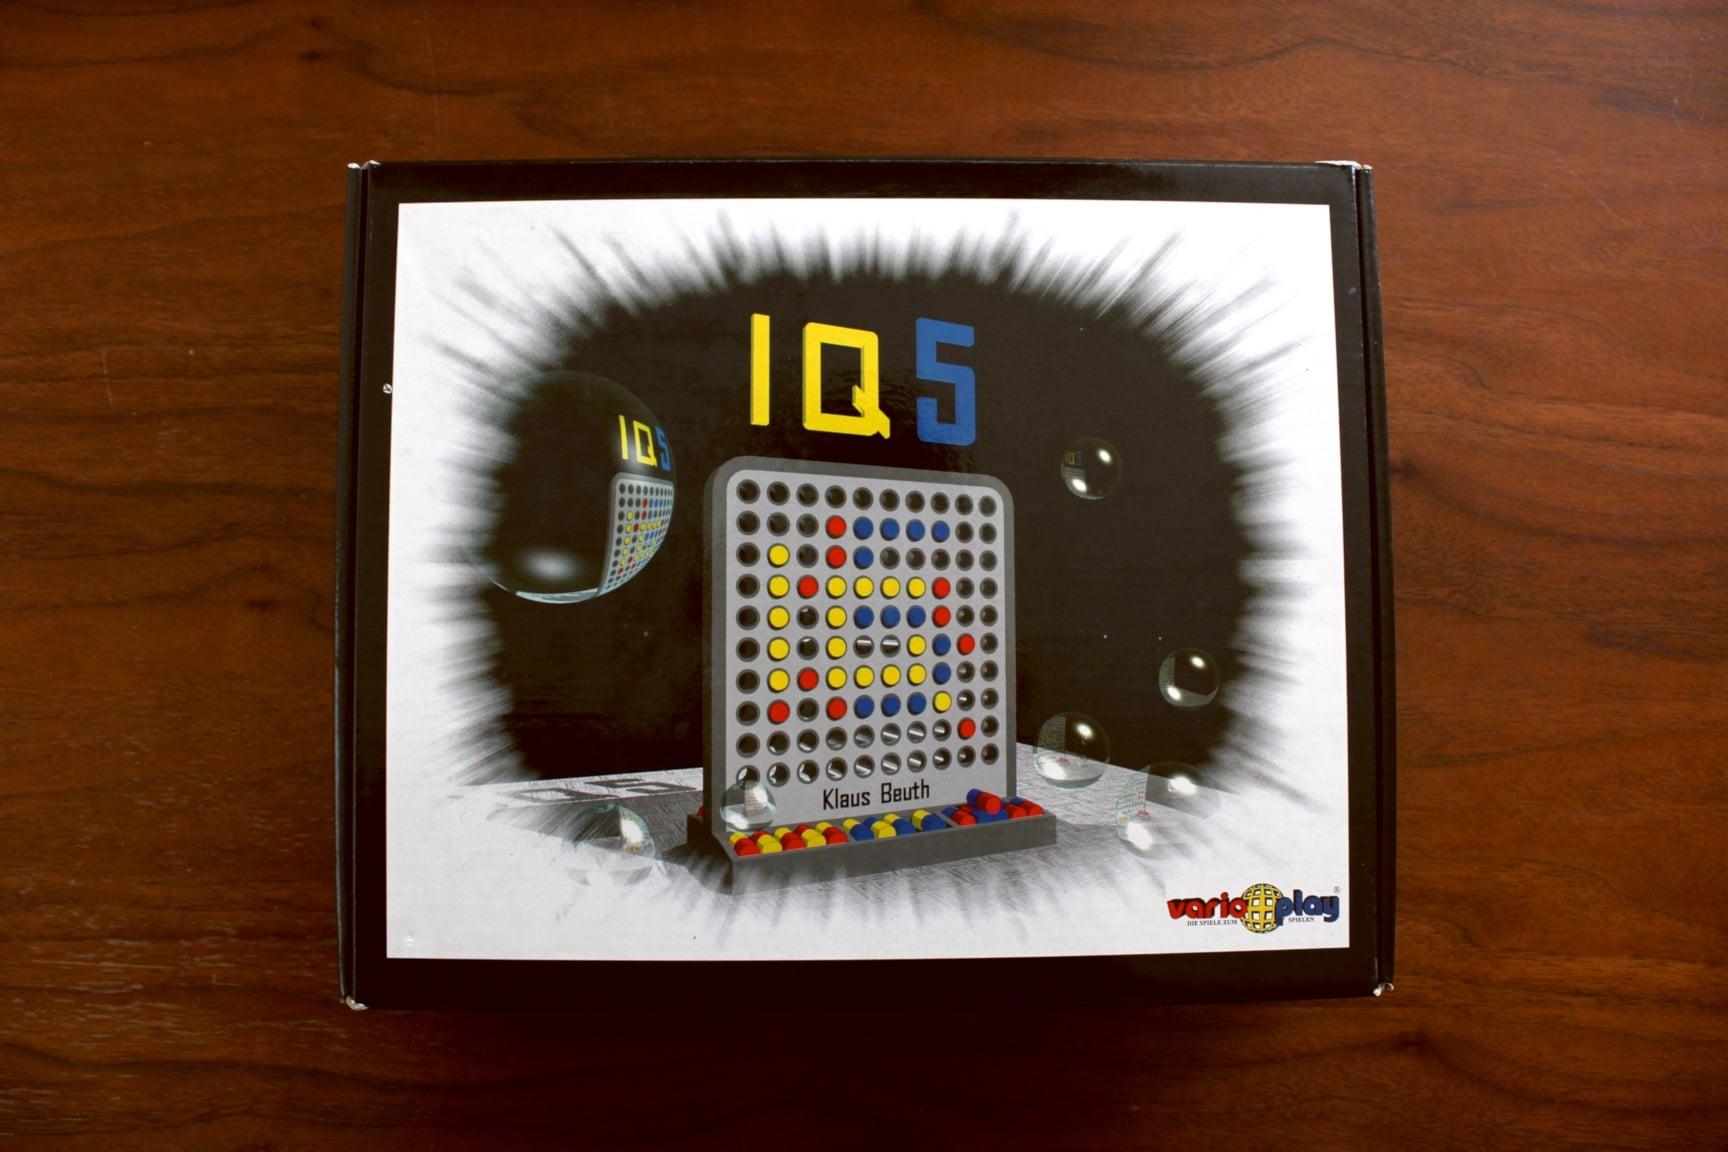 ボードゲーム「IQ5」の箱表面